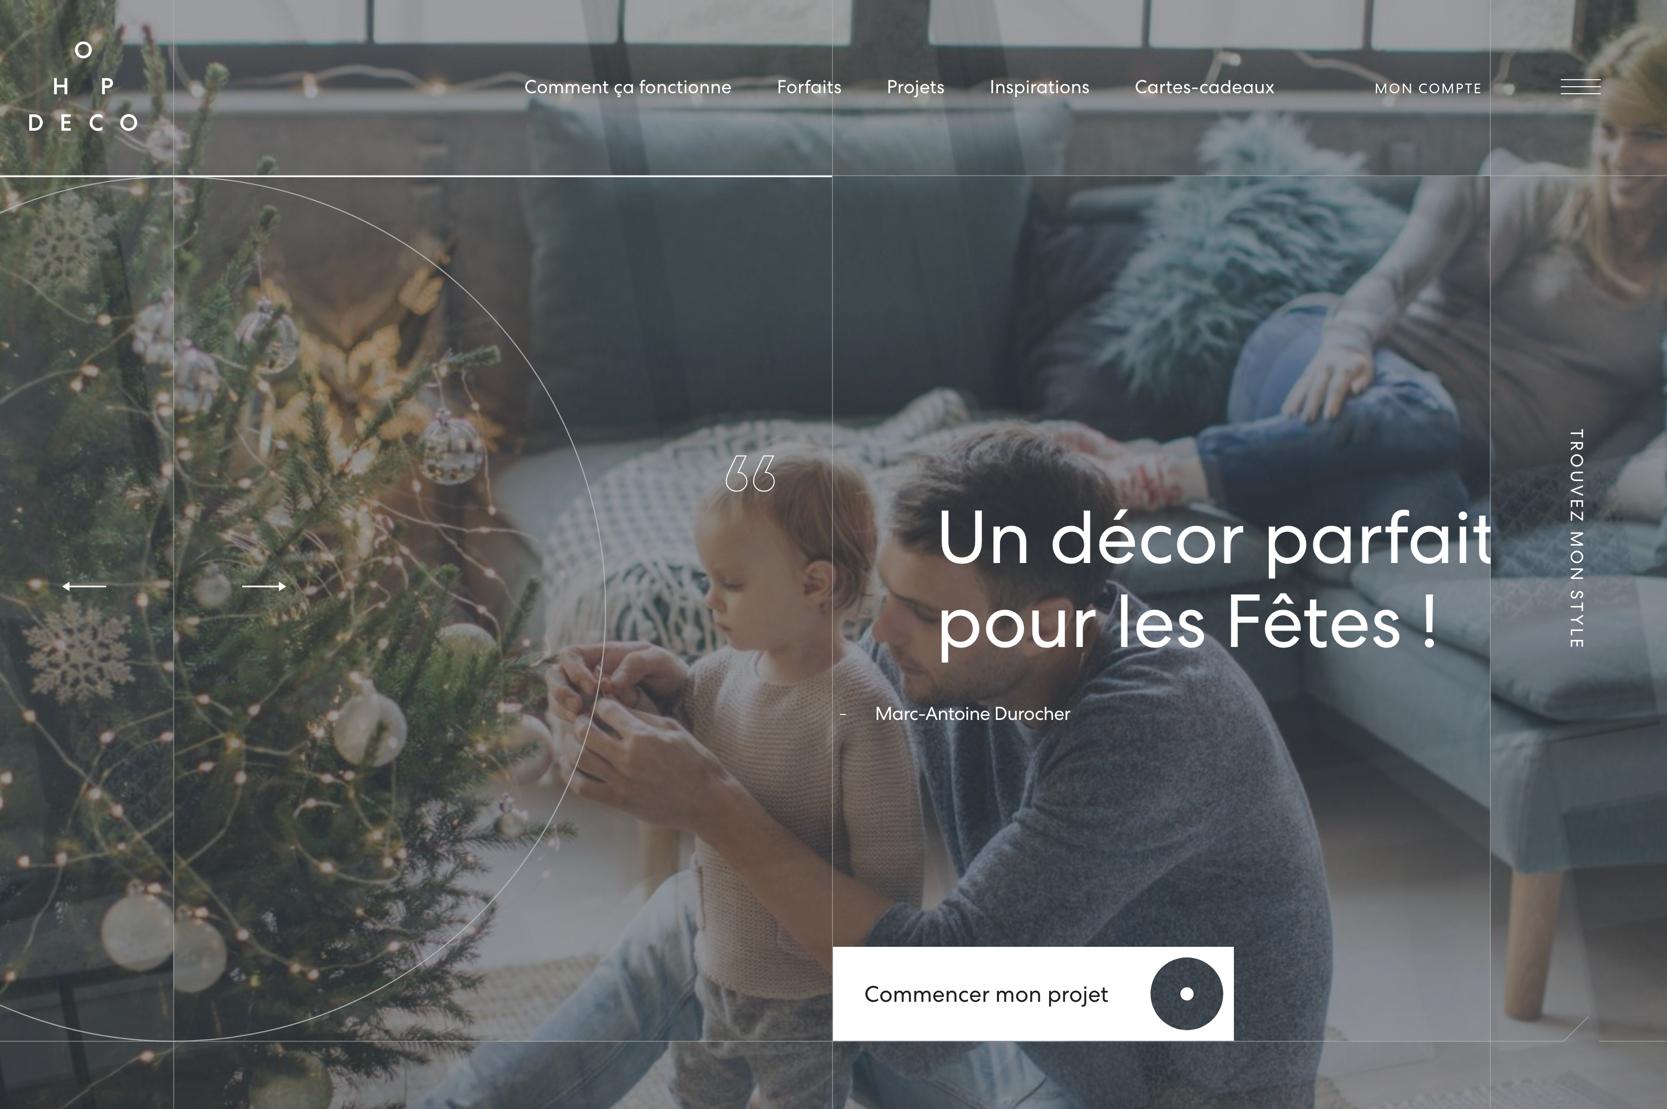 Site Internet Decoration Intérieure hop deco, un site web de décoration intérieure nouveau genre